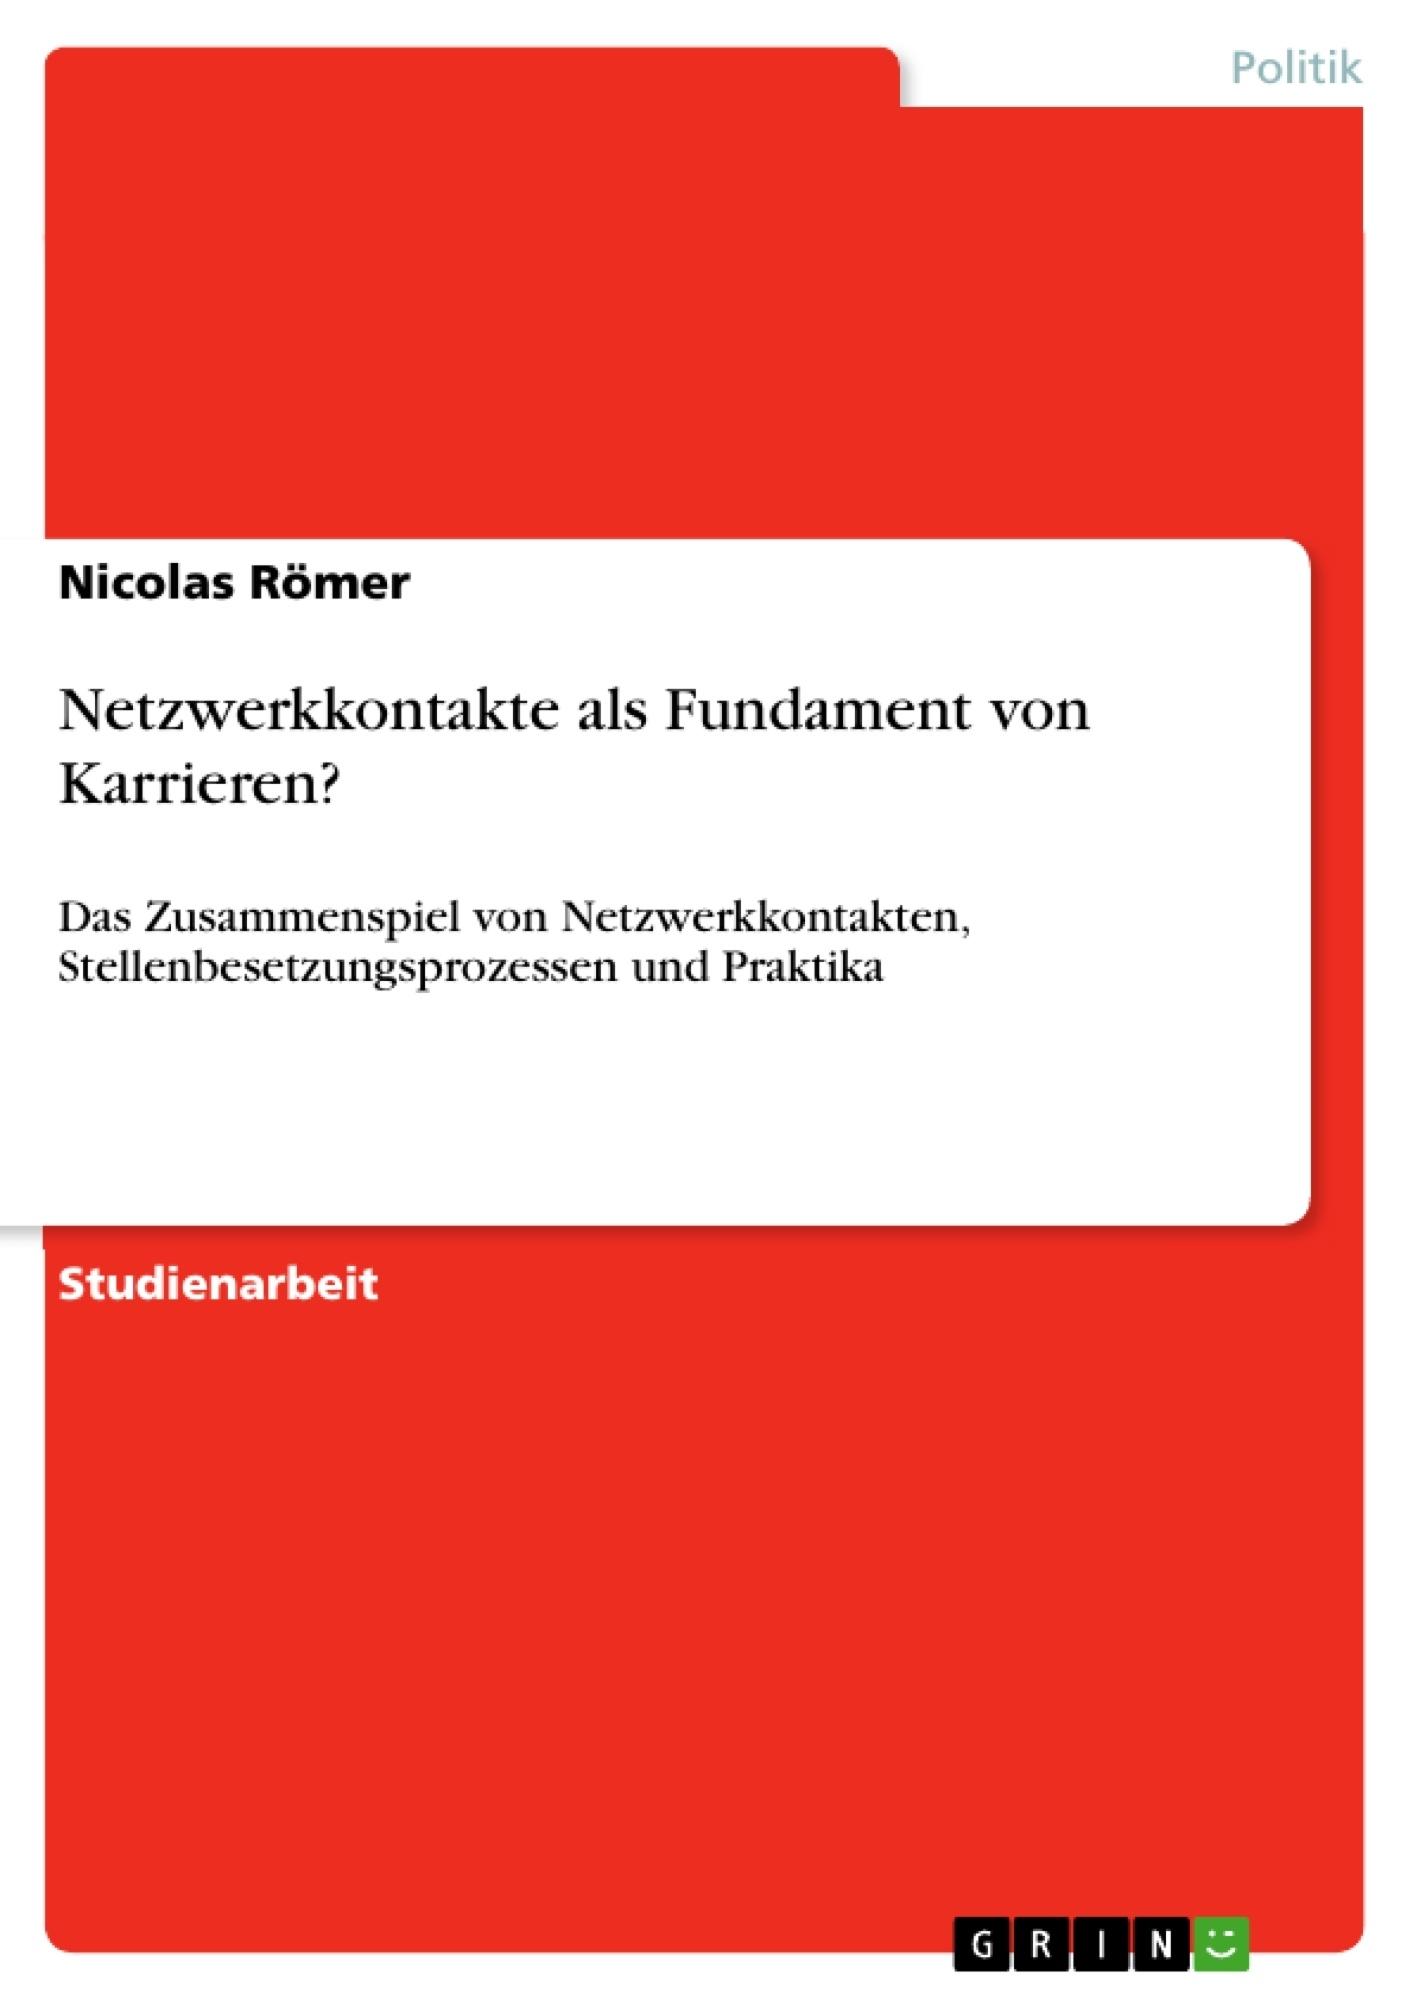 Titel: Netzwerkkontakte als Fundament von Karrieren?